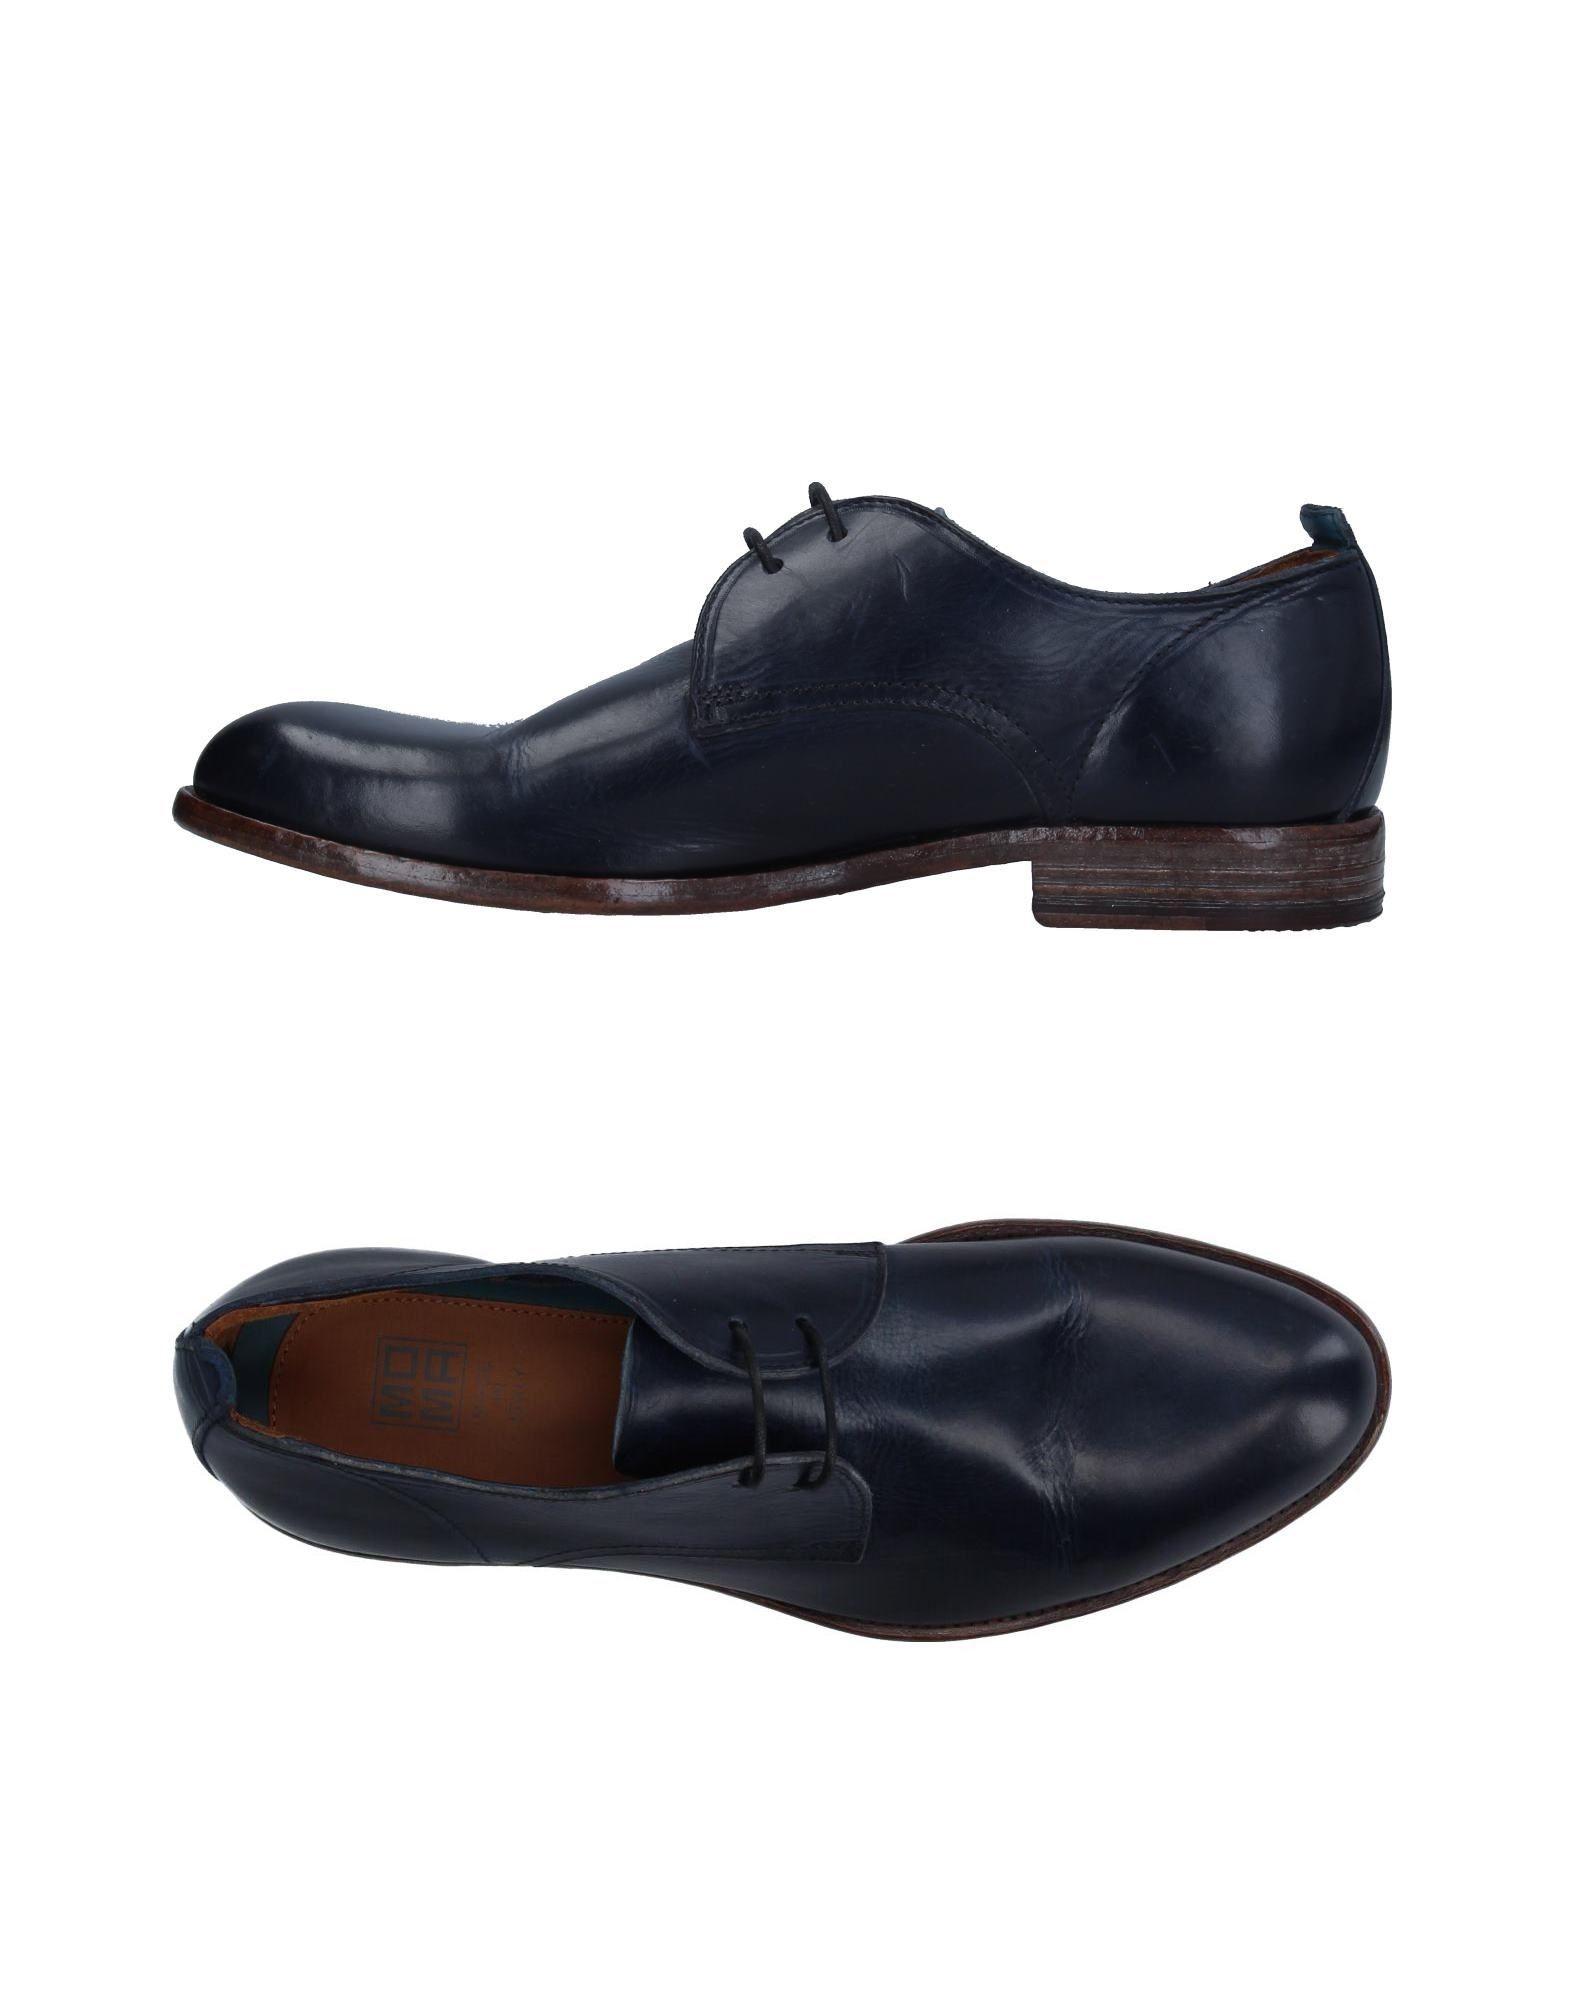 Moma Schnürschuhe Herren  11326968AT Gute Qualität beliebte Schuhe